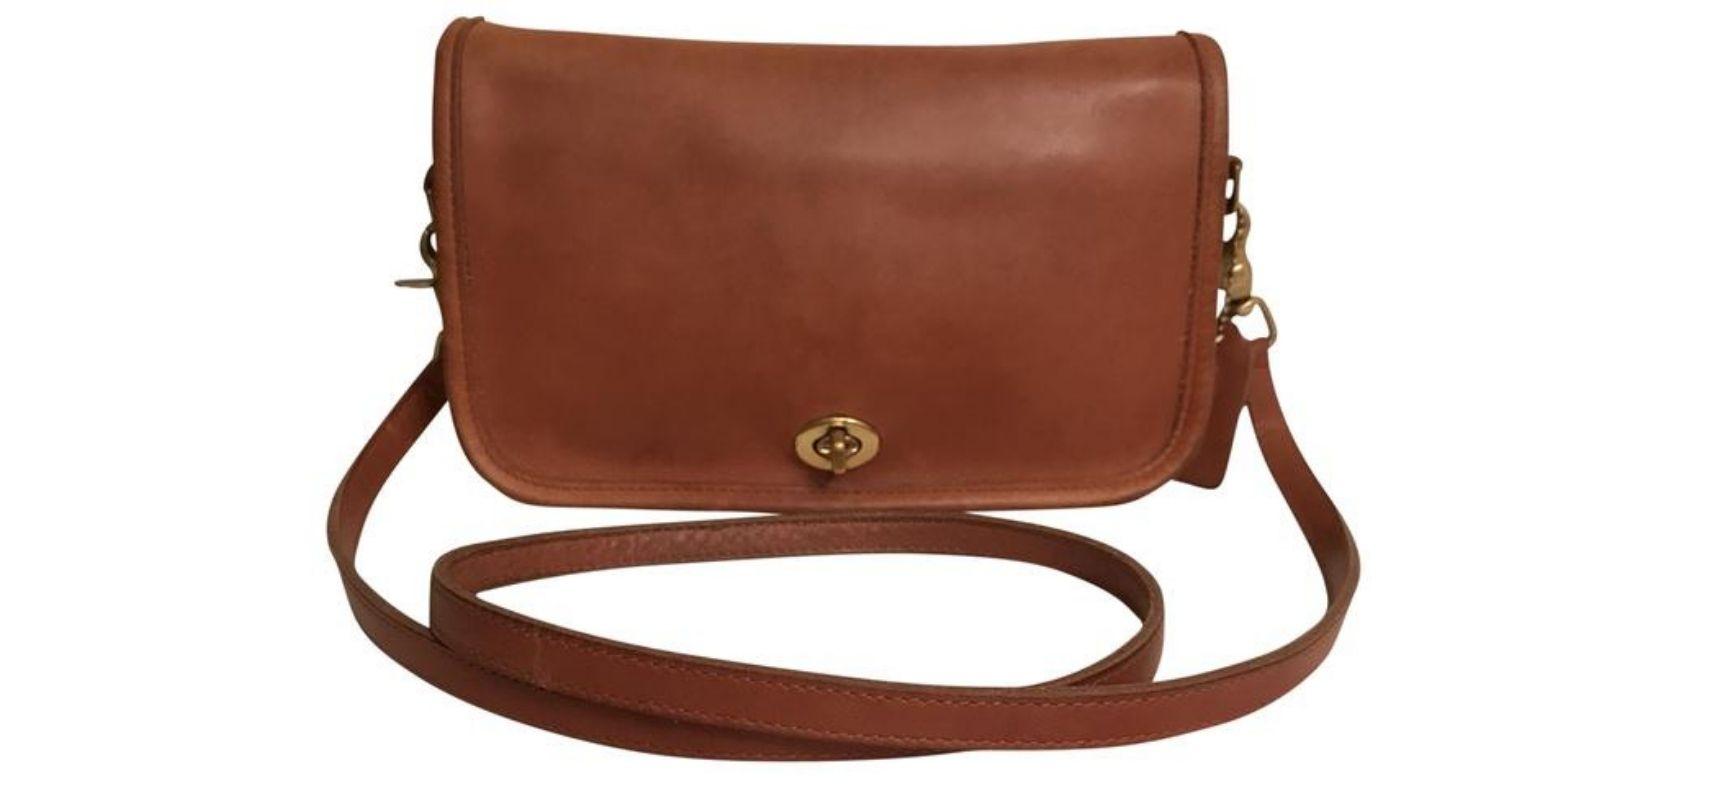 Brown 1980s Coach purse